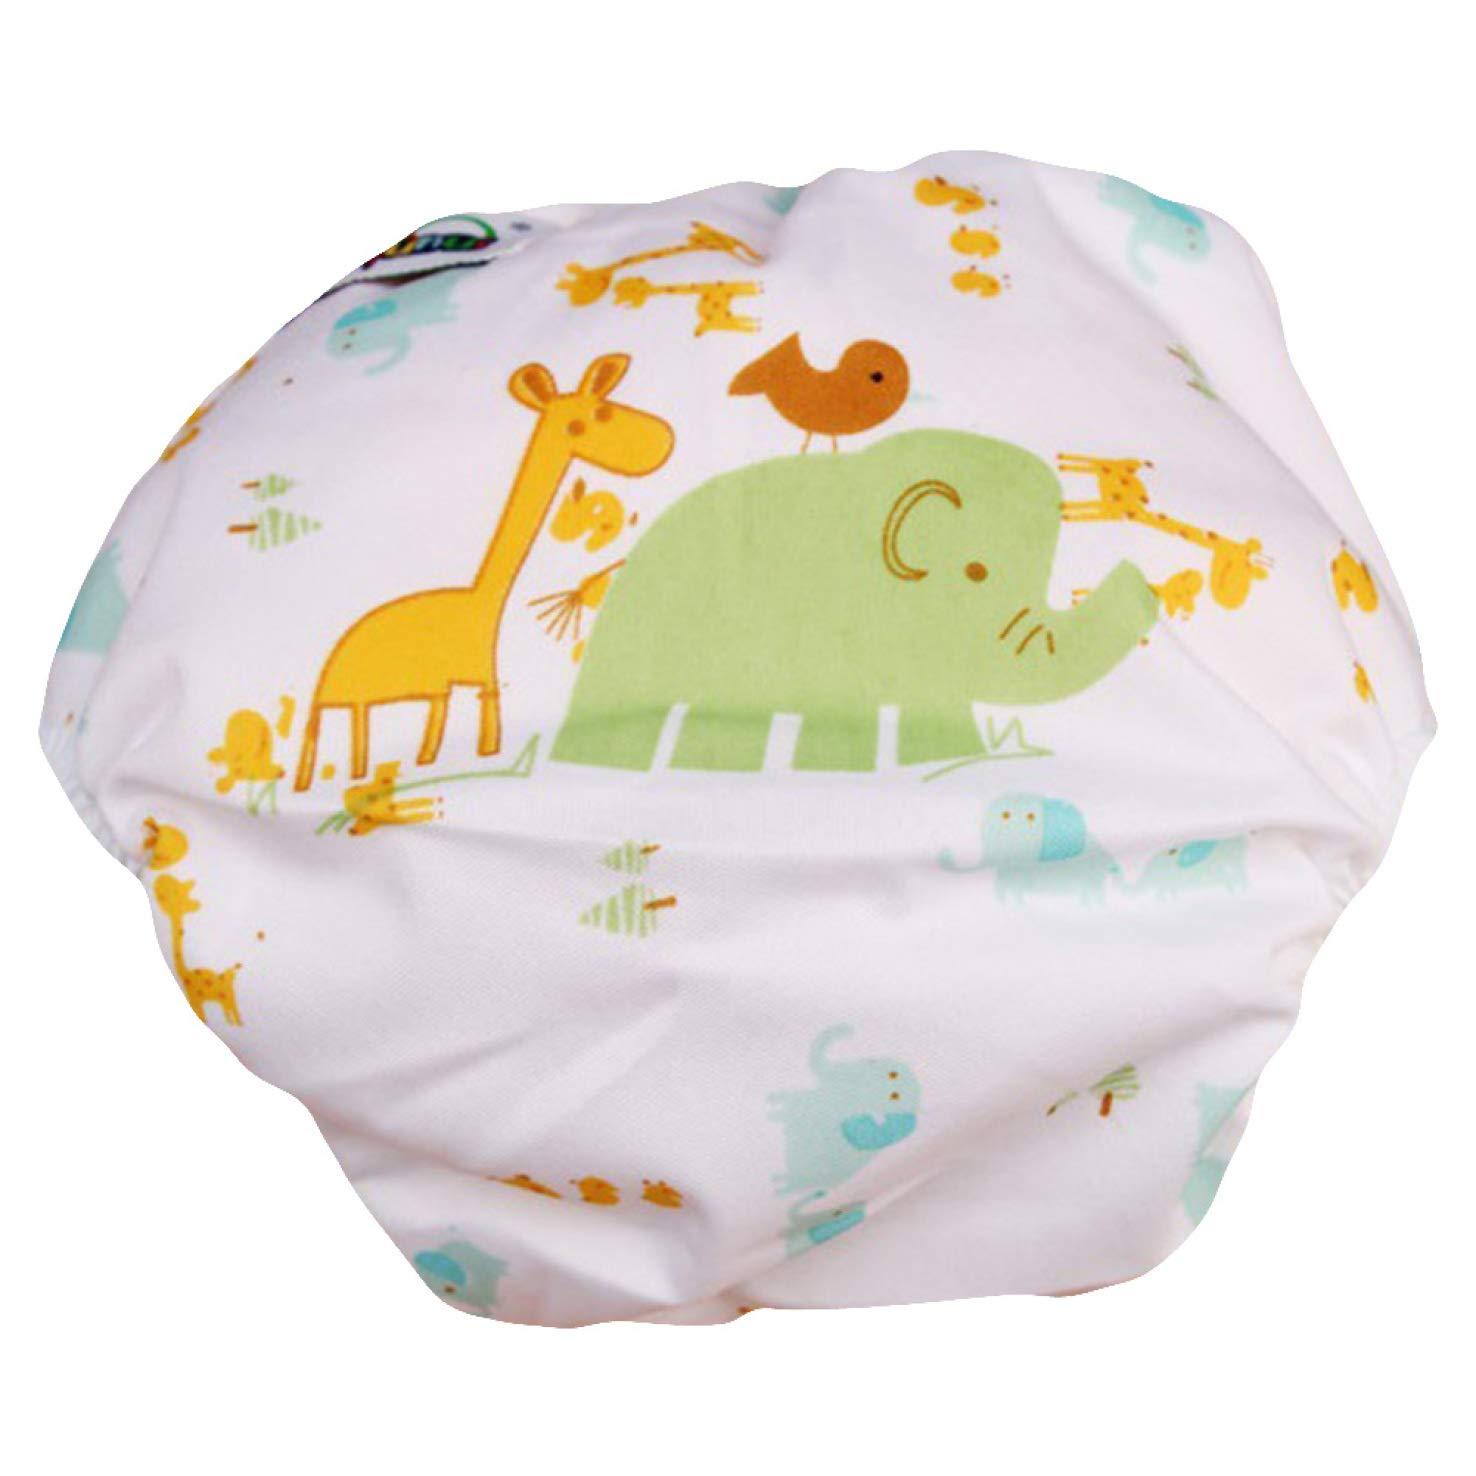 Guangxichuangshengxinfu Seltenes Baby Kleinkind Wiederverwendbare waschbare Stoffwindel Kinder Windel/überzug verstellbar Luxus